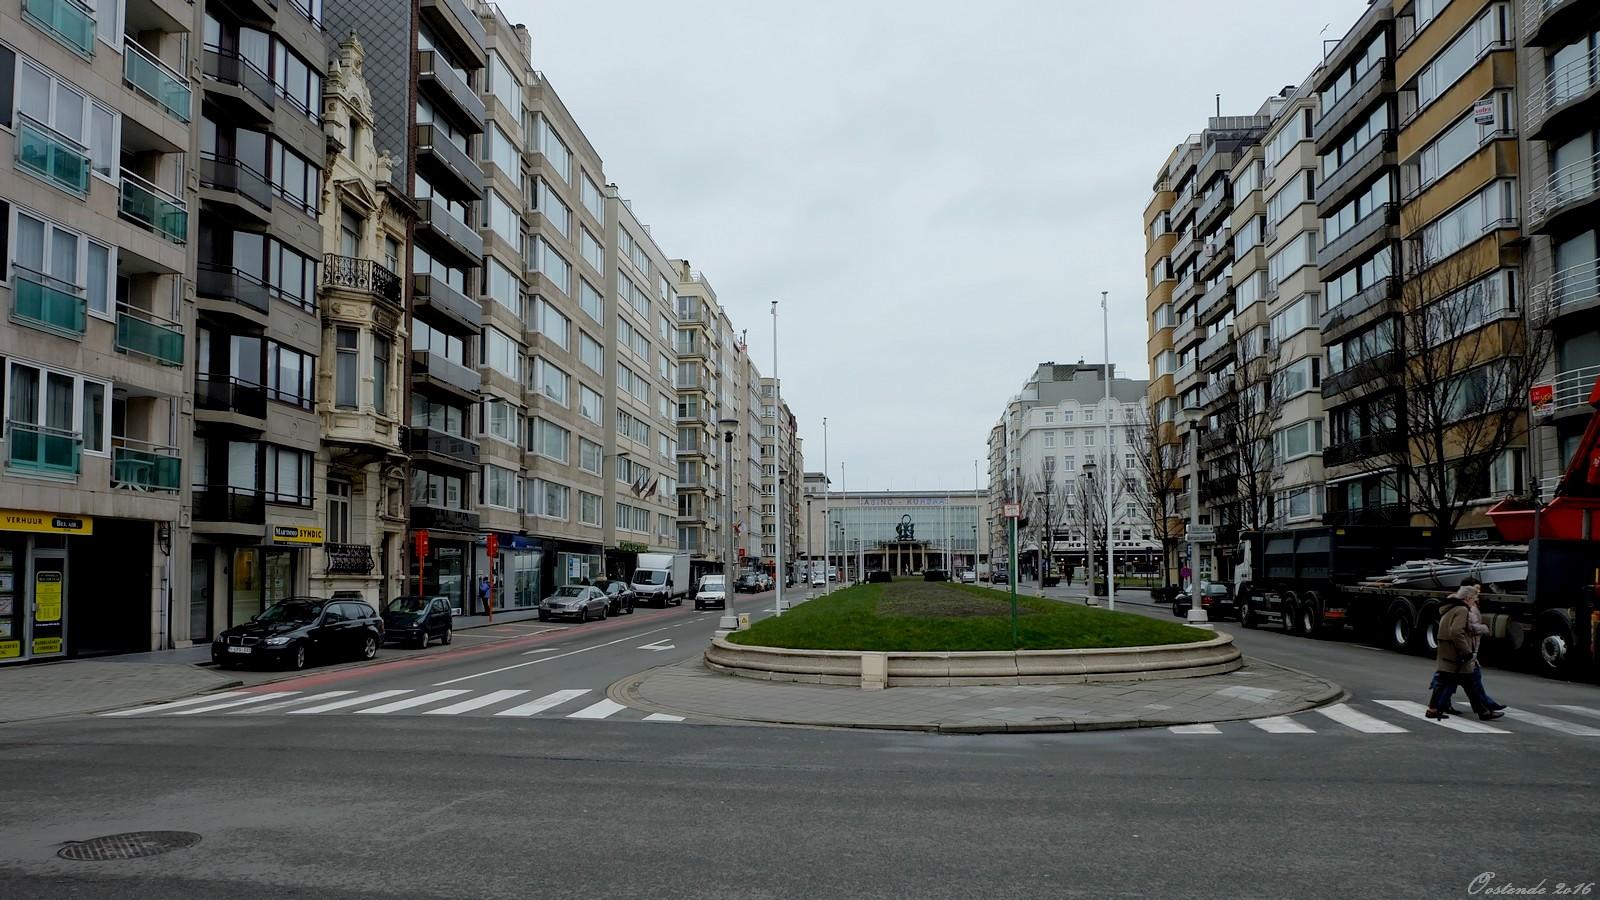 Oostende, Belgium